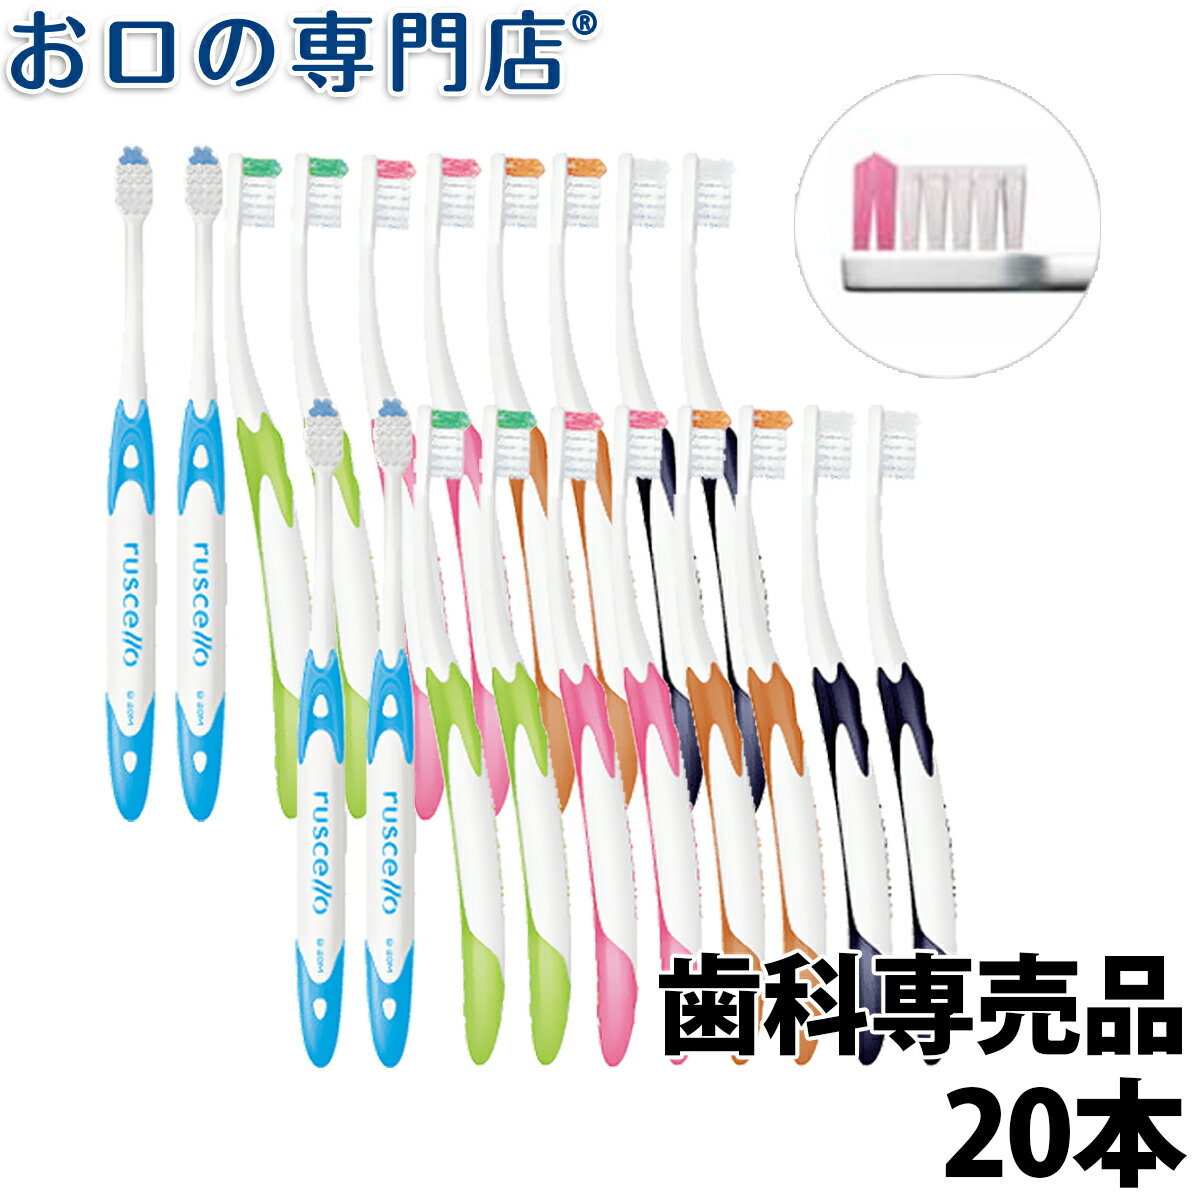 【送料無料】ルシェロB-20(ピセラ)歯ブラシ 20本入ハブラシ/歯ブラシ 歯科専売品